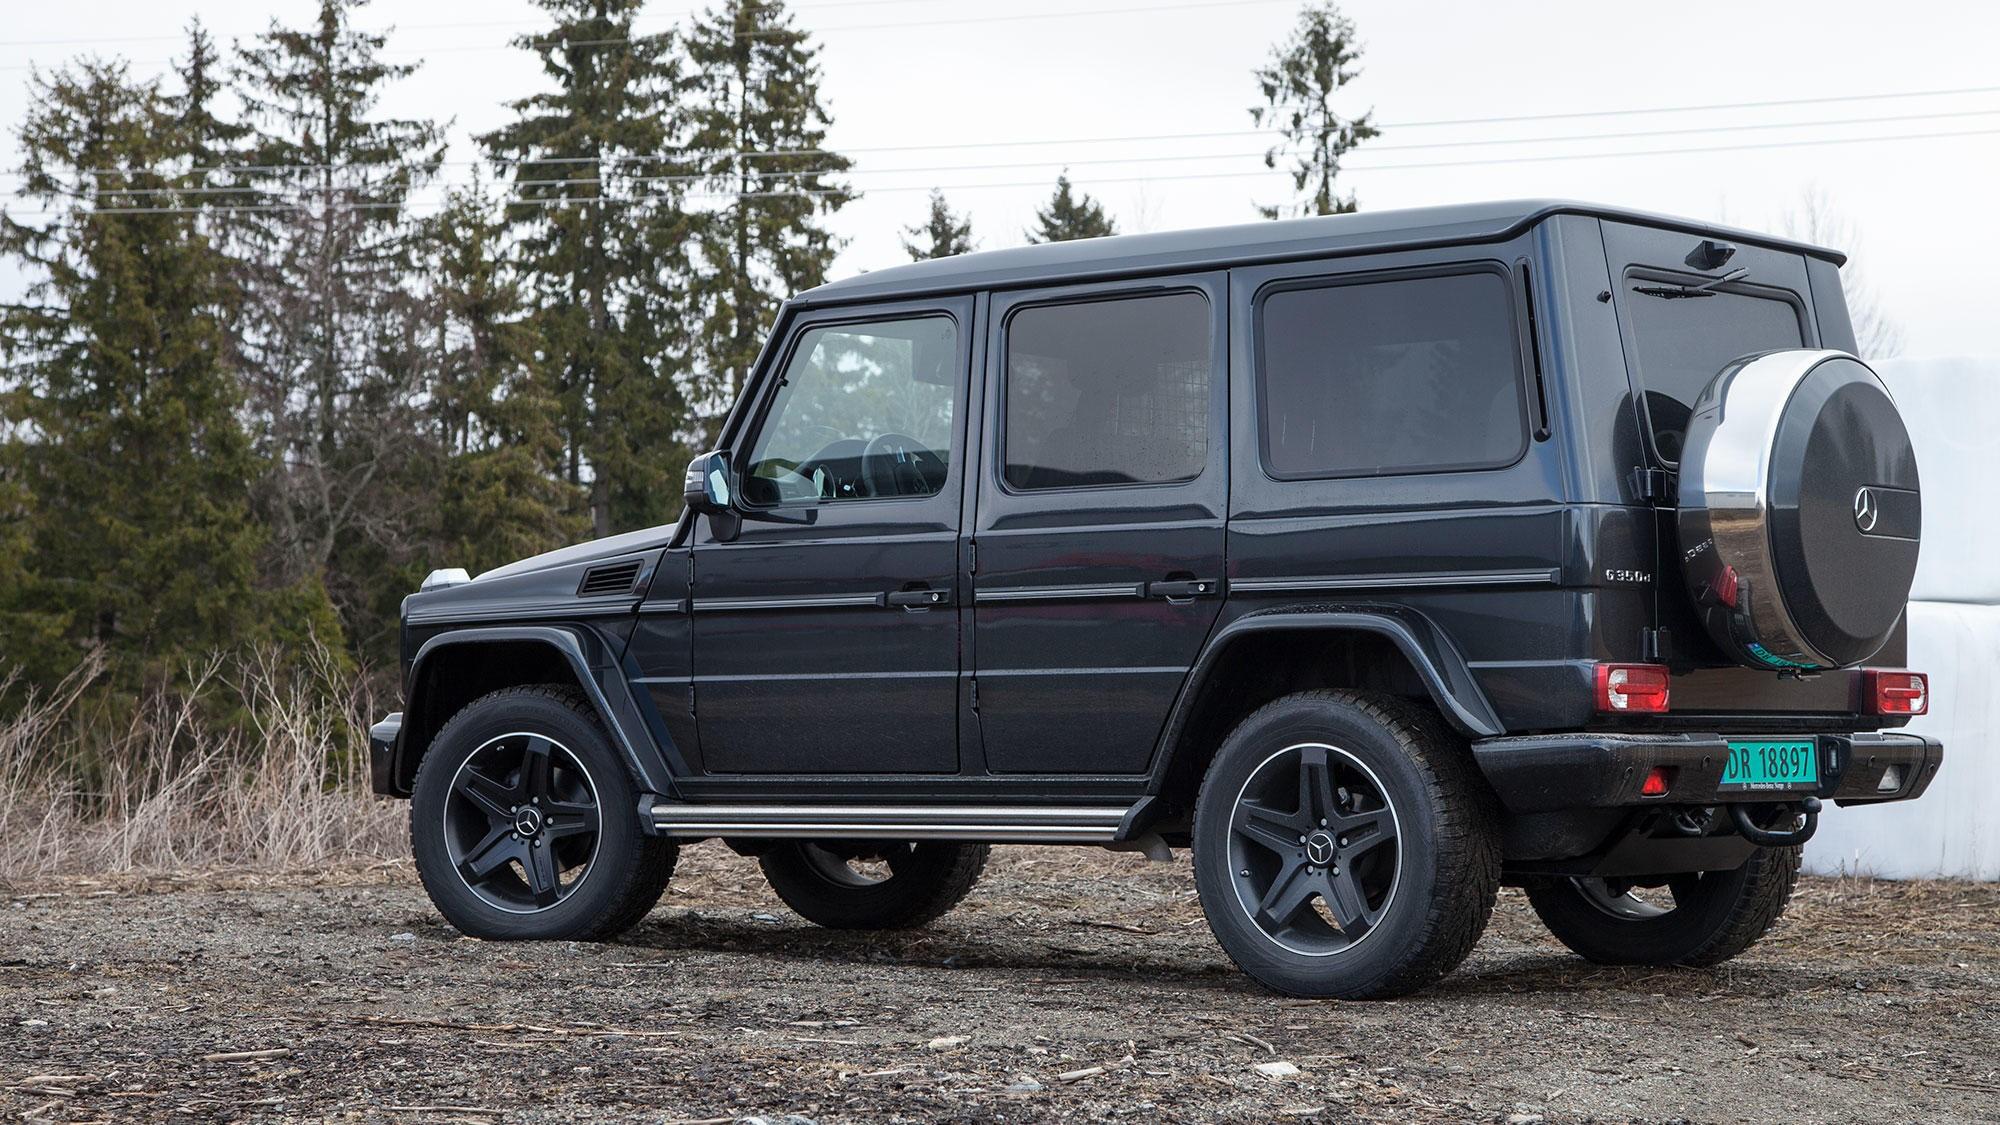 Mercedes G-klasse er kanskje den tøffeste SUV-en du kan kjøpe - men den bærer også veldig preg av at den er gammel. Veldig gammel.